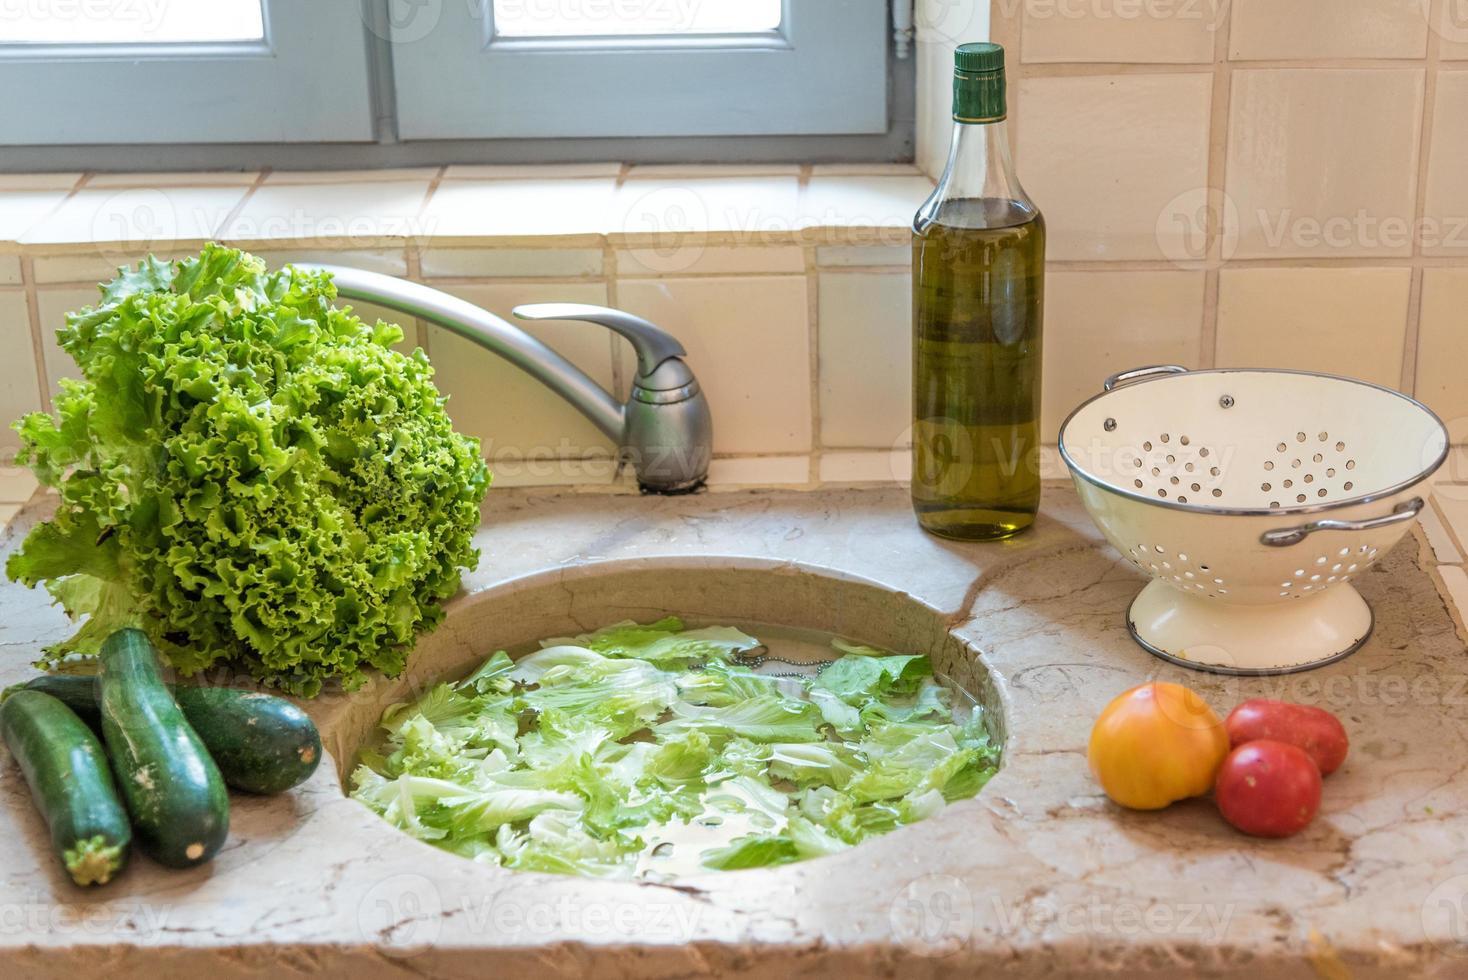 lavar legumes frescos foto